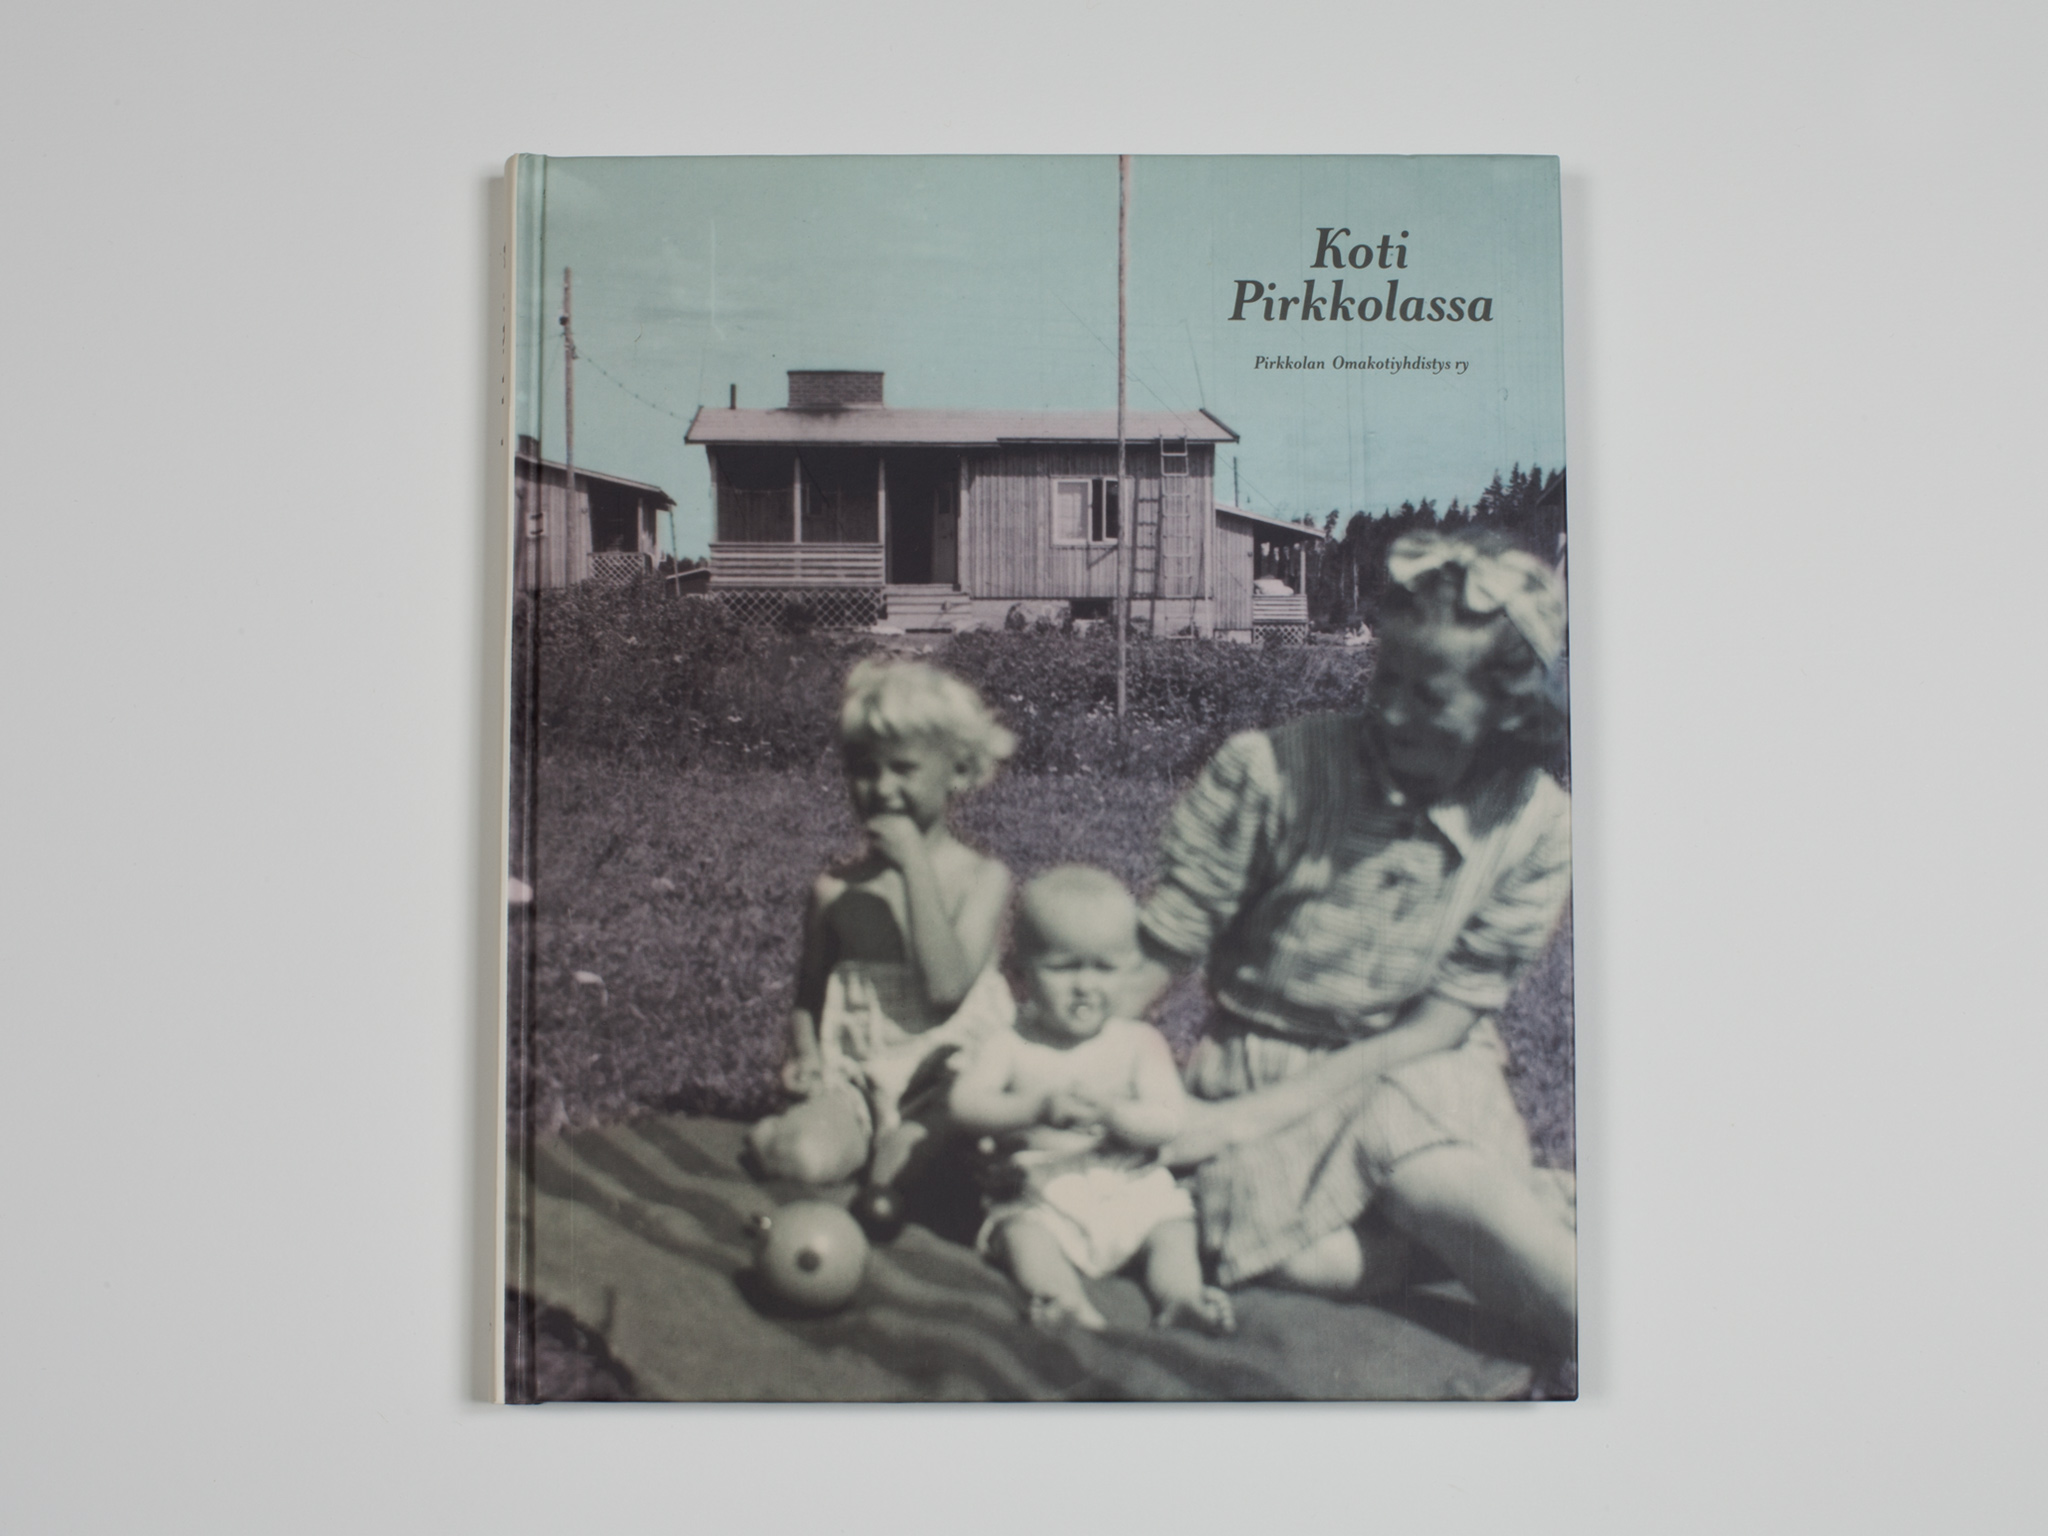 Pirkkola_iPad_1.jpg